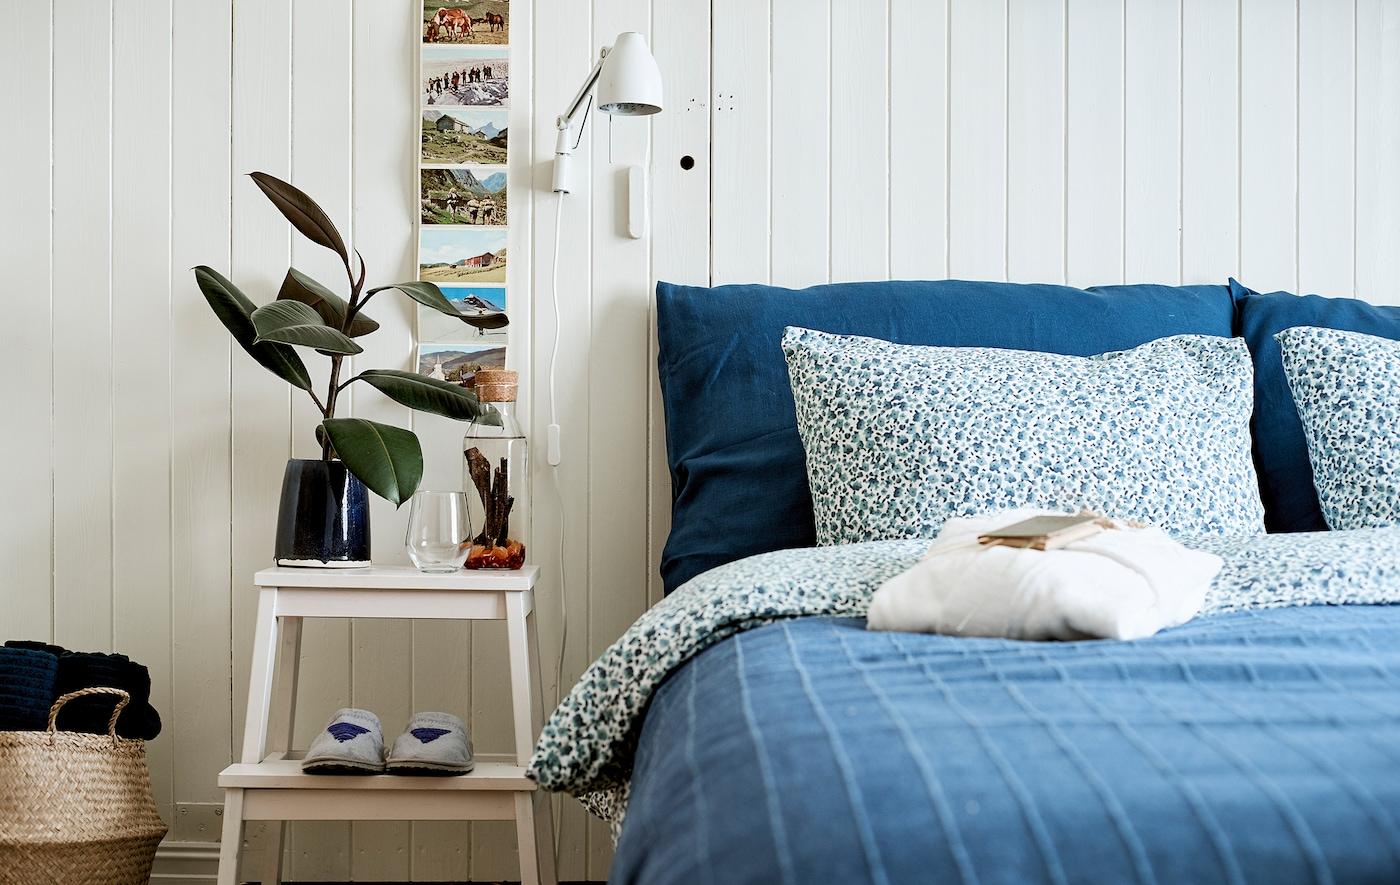 Krevet s plavom krevetninom, stoličica sa stepenikom koja služi kao pomoćni stočić, s bokalom vode sa začinima i čašom.